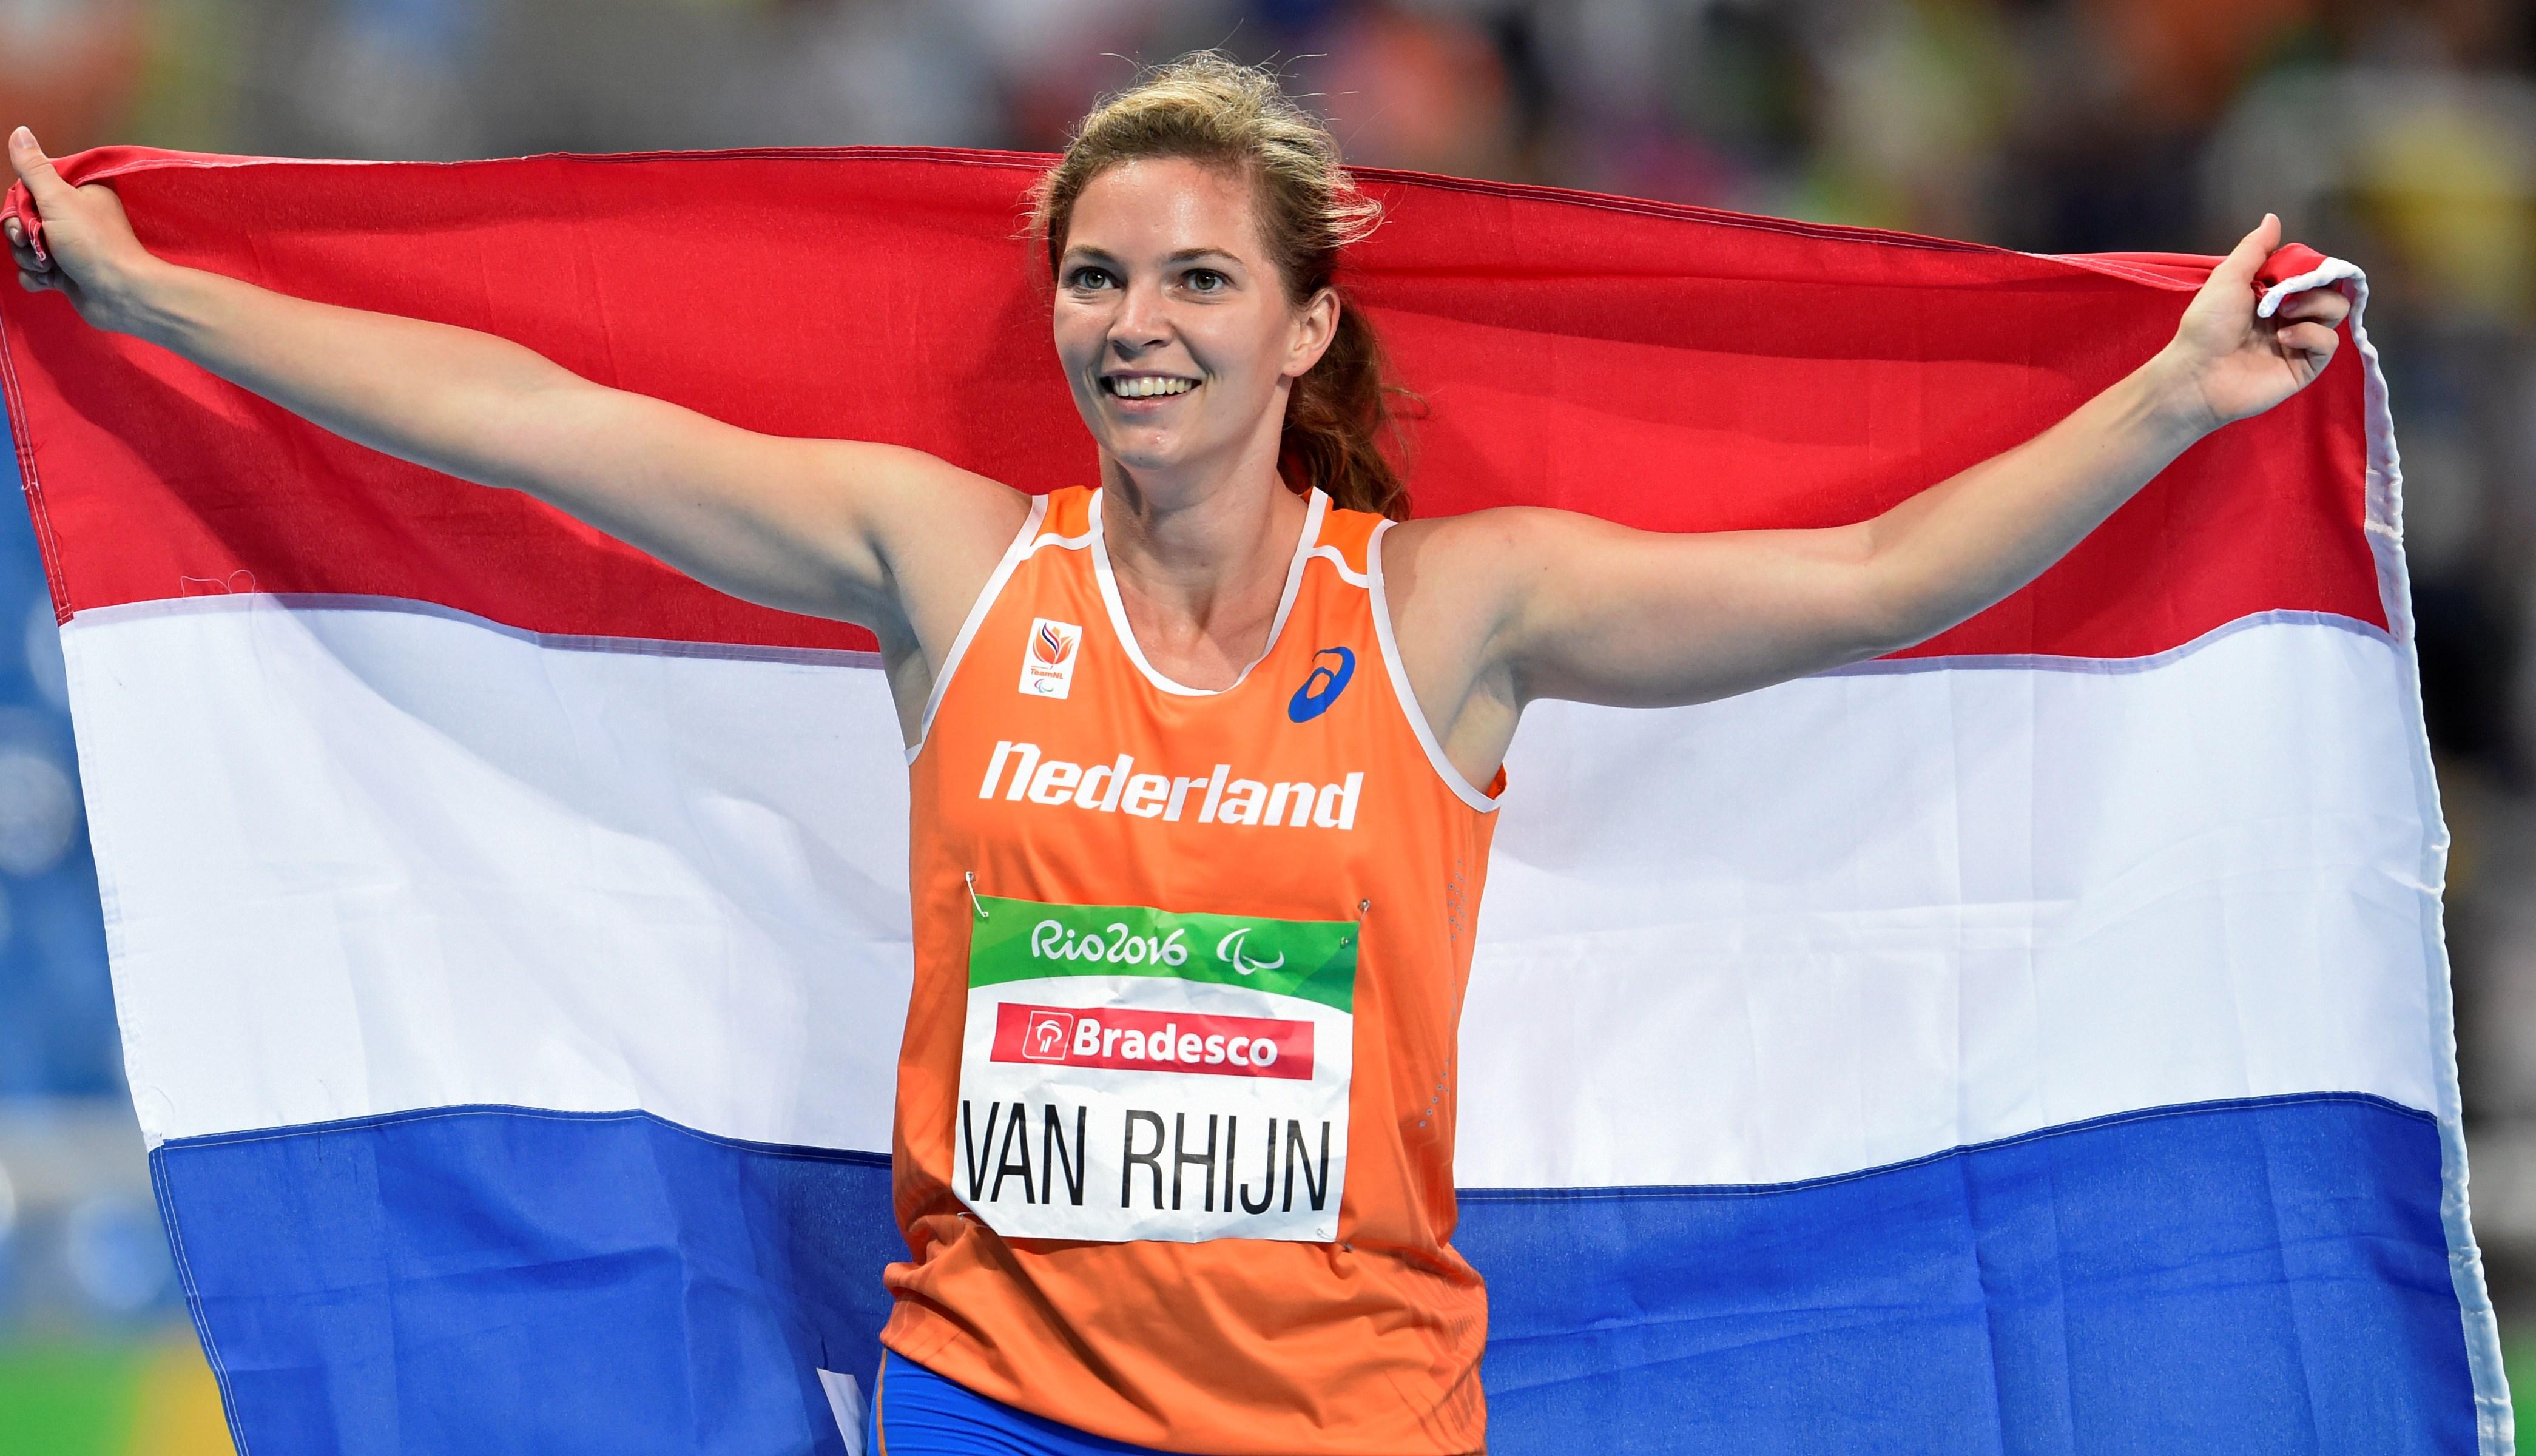 Marlou van Rhijn beëindigt haar topsportcarrière